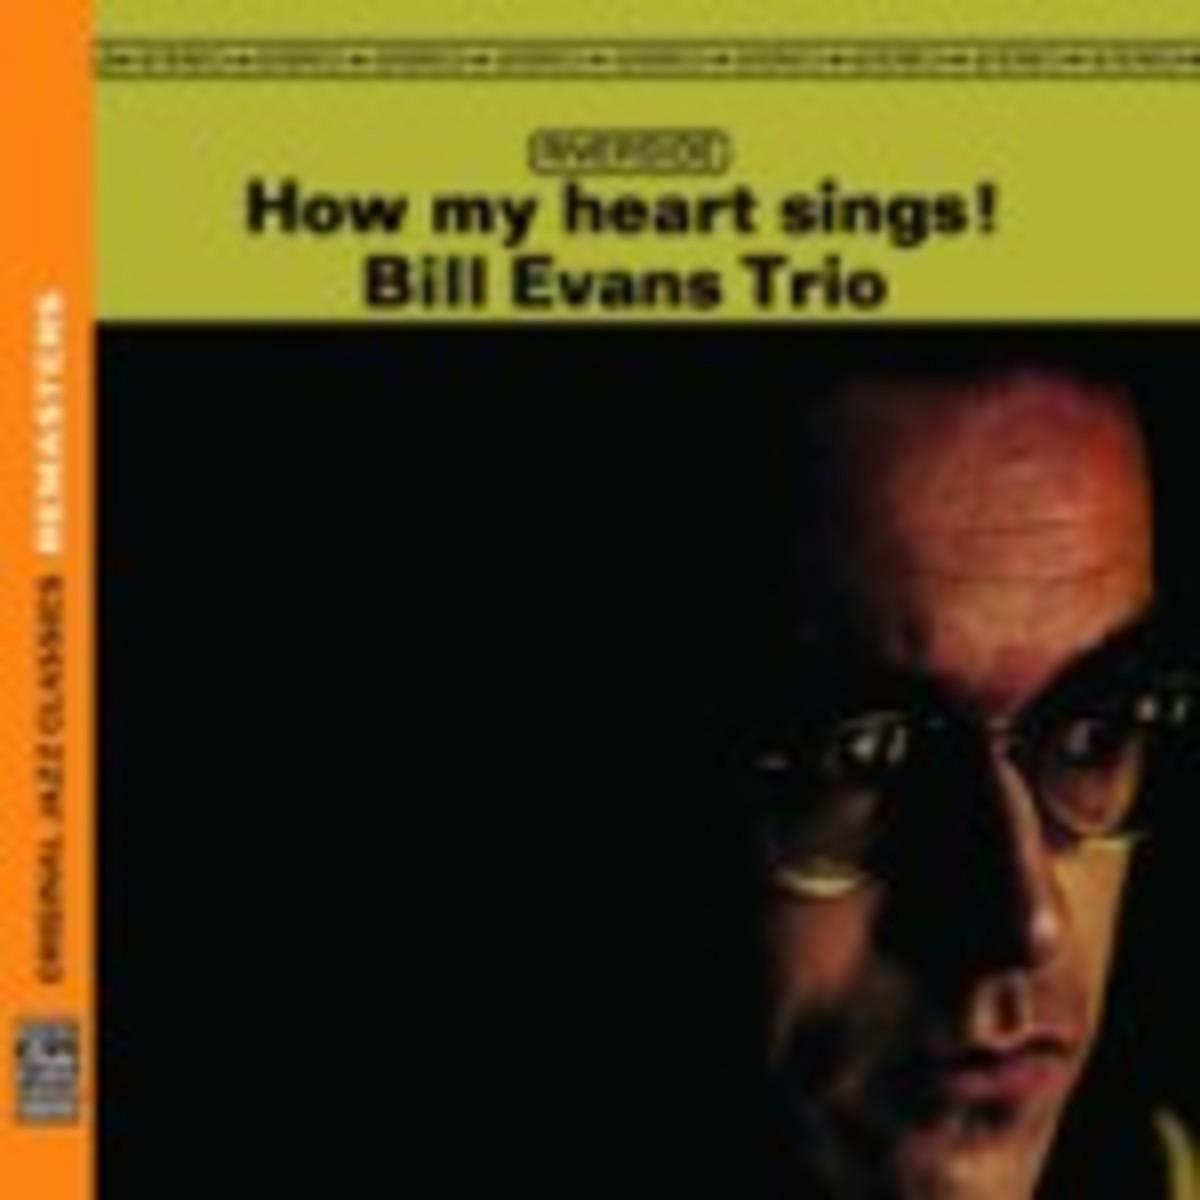 Bill Evans Trio How My Heart Sings